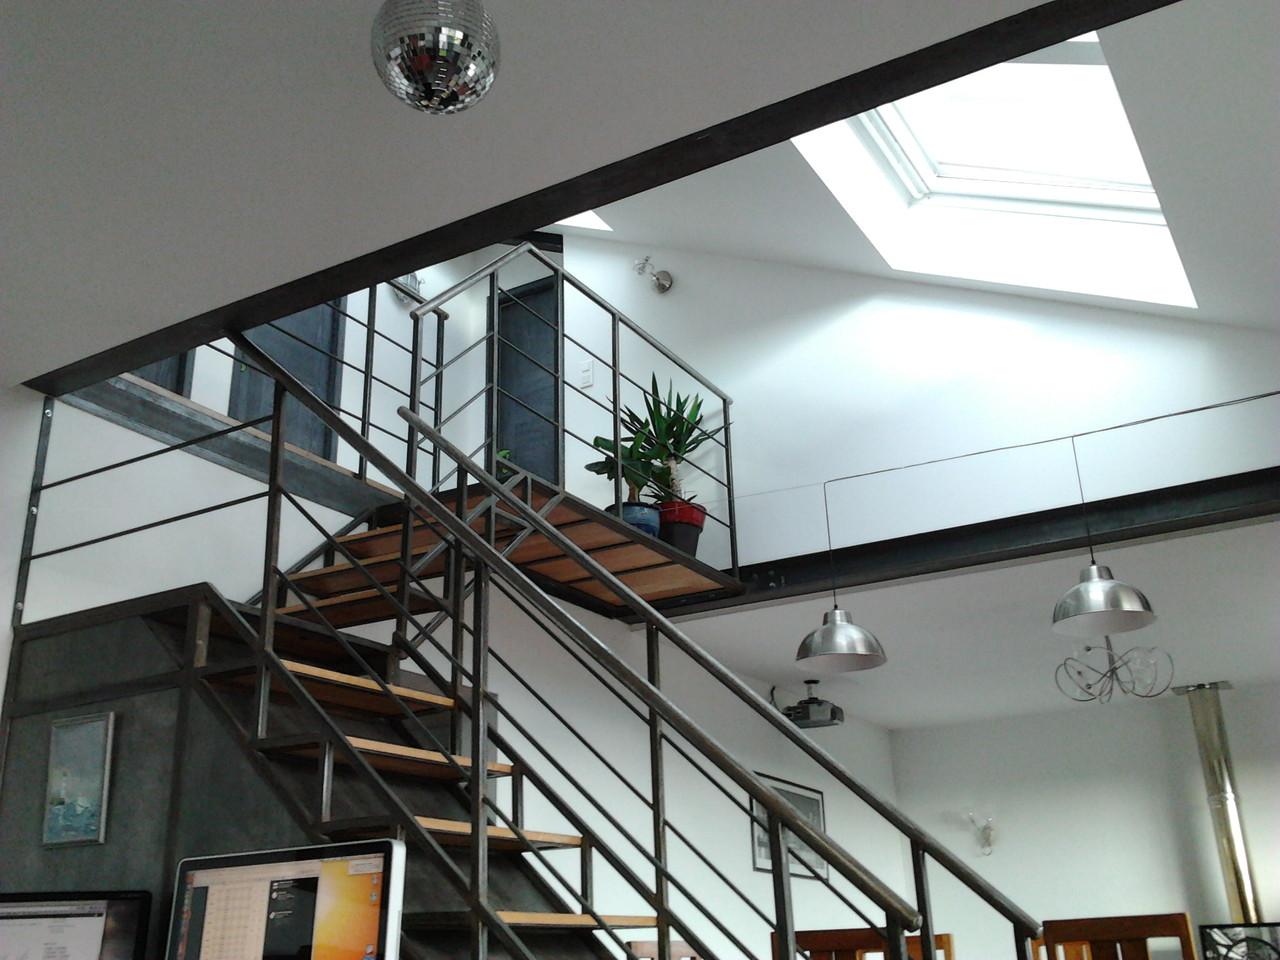 Logement du haut, double hauteur séjour, escalier vers les combles